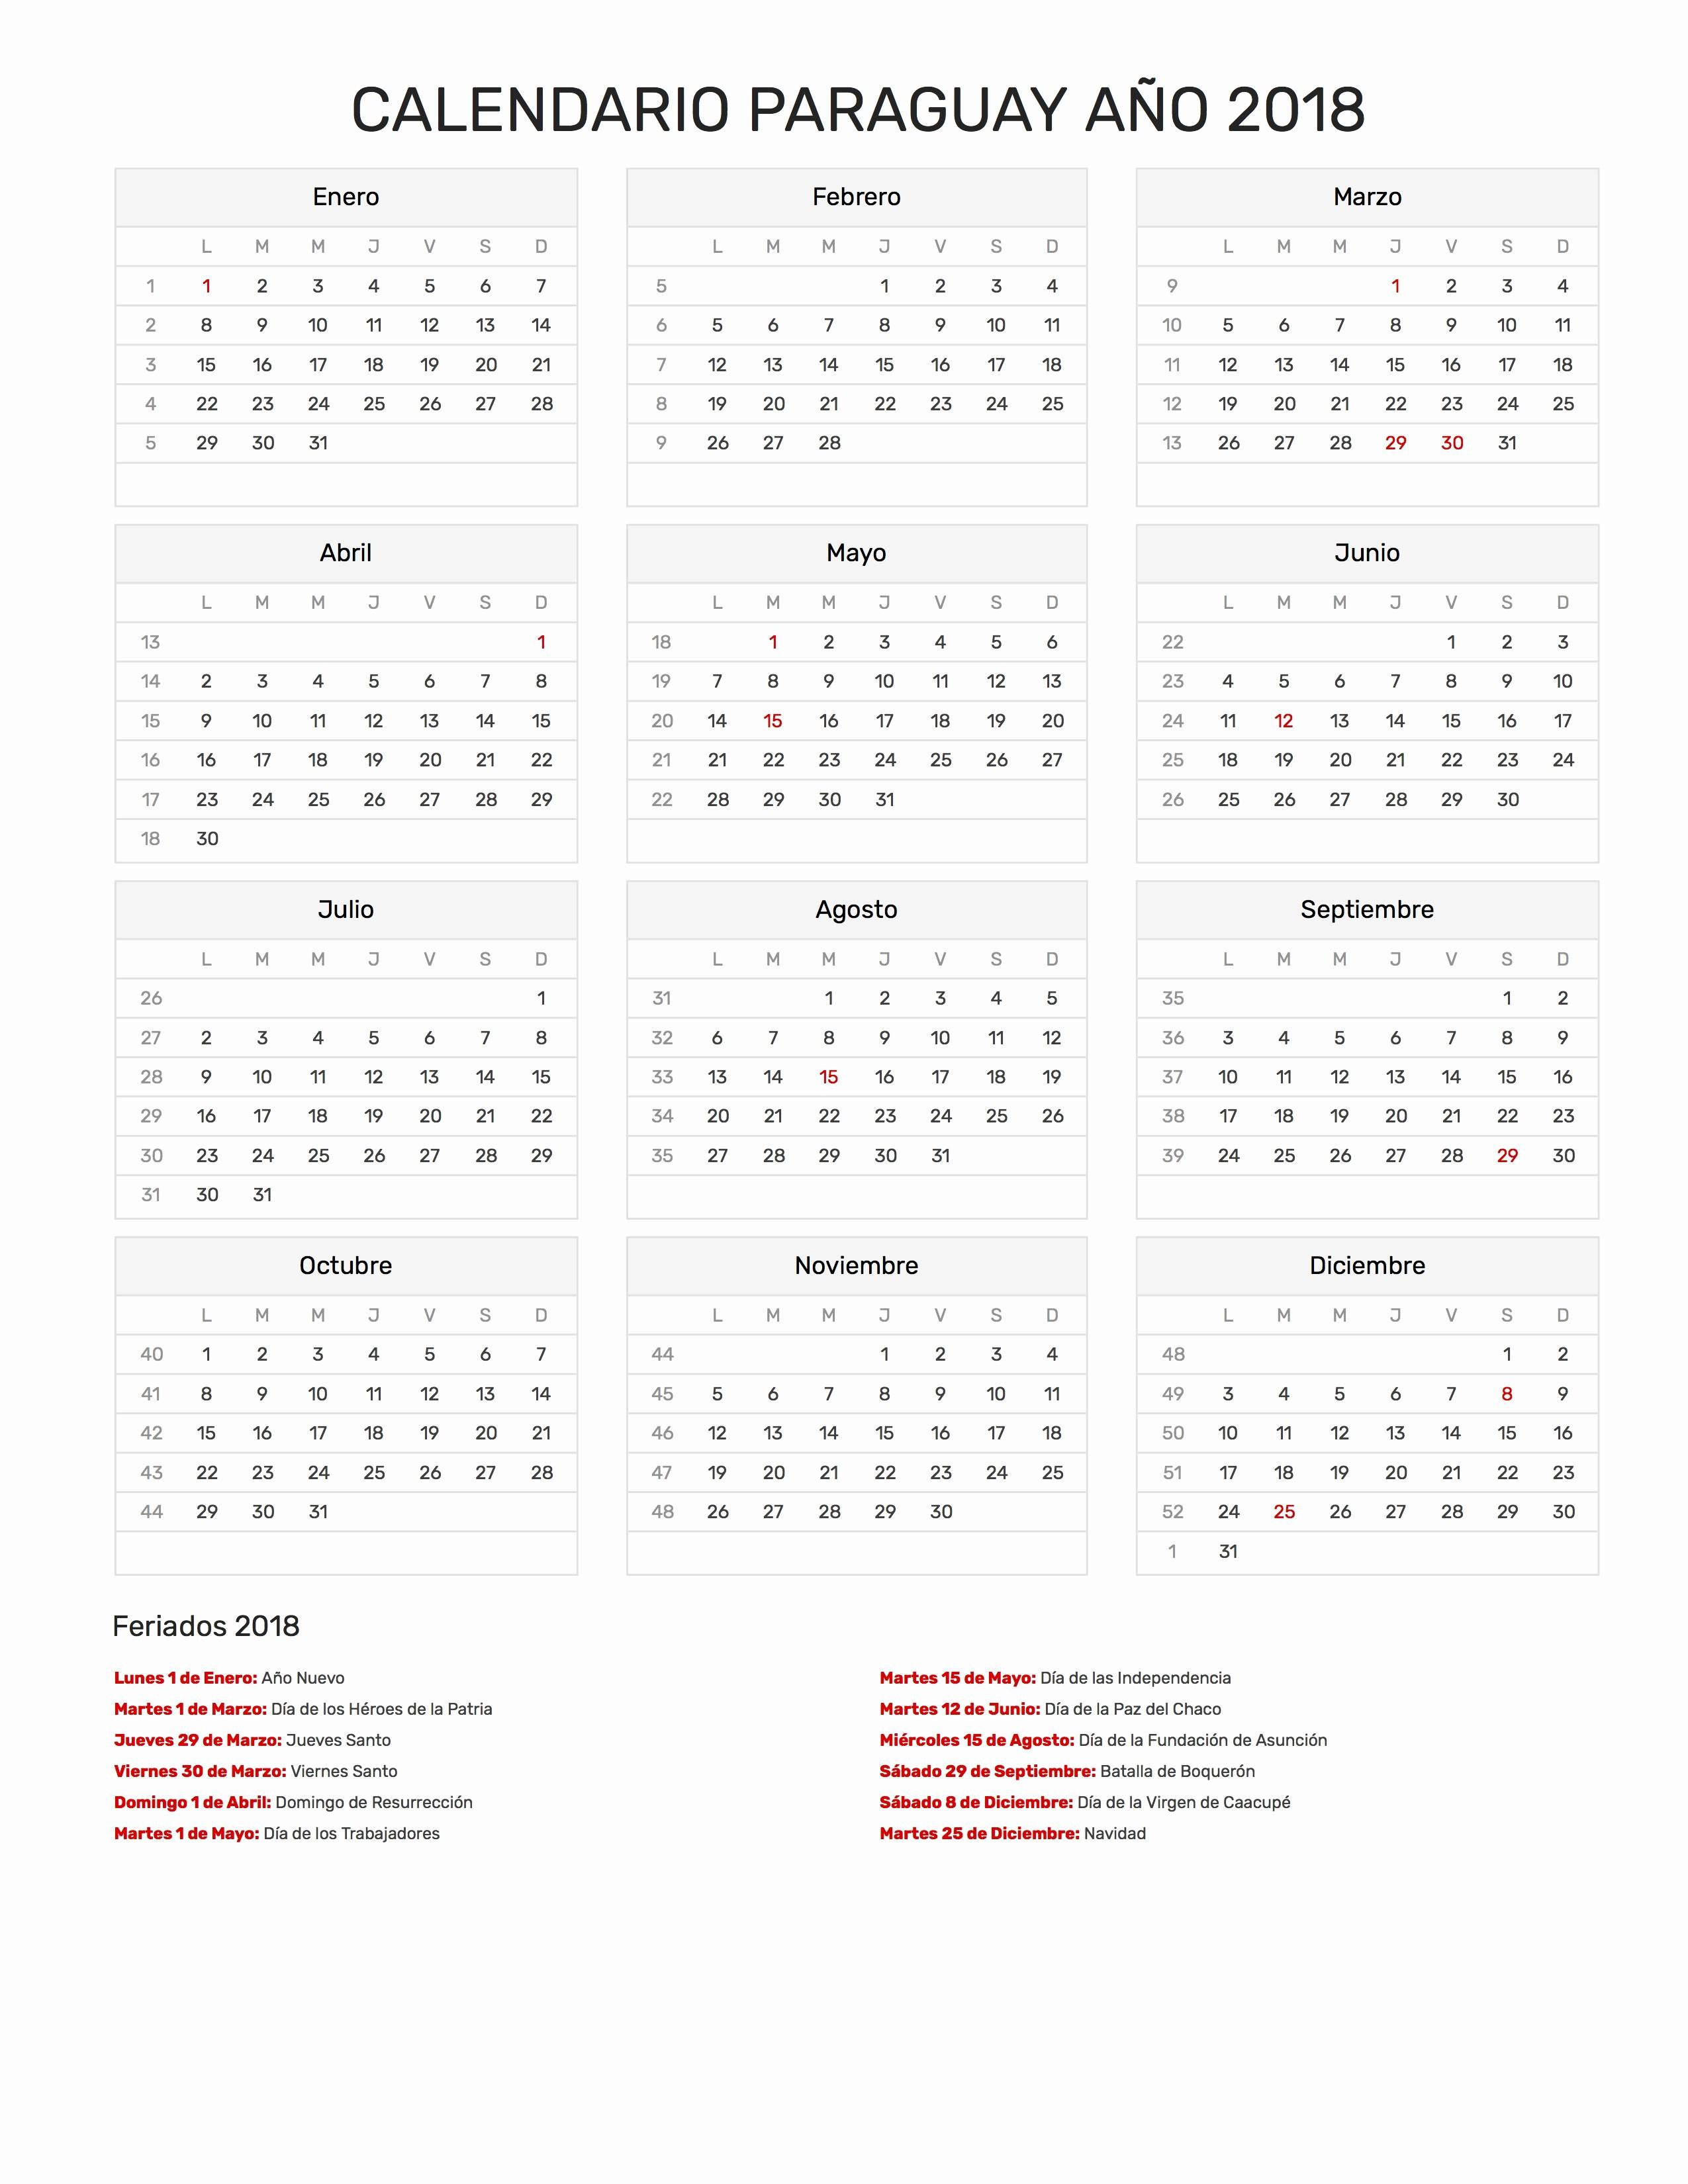 calendario paraguay 2019 calendario paraguay 2019 calendario paraguay ano 2018 feriados